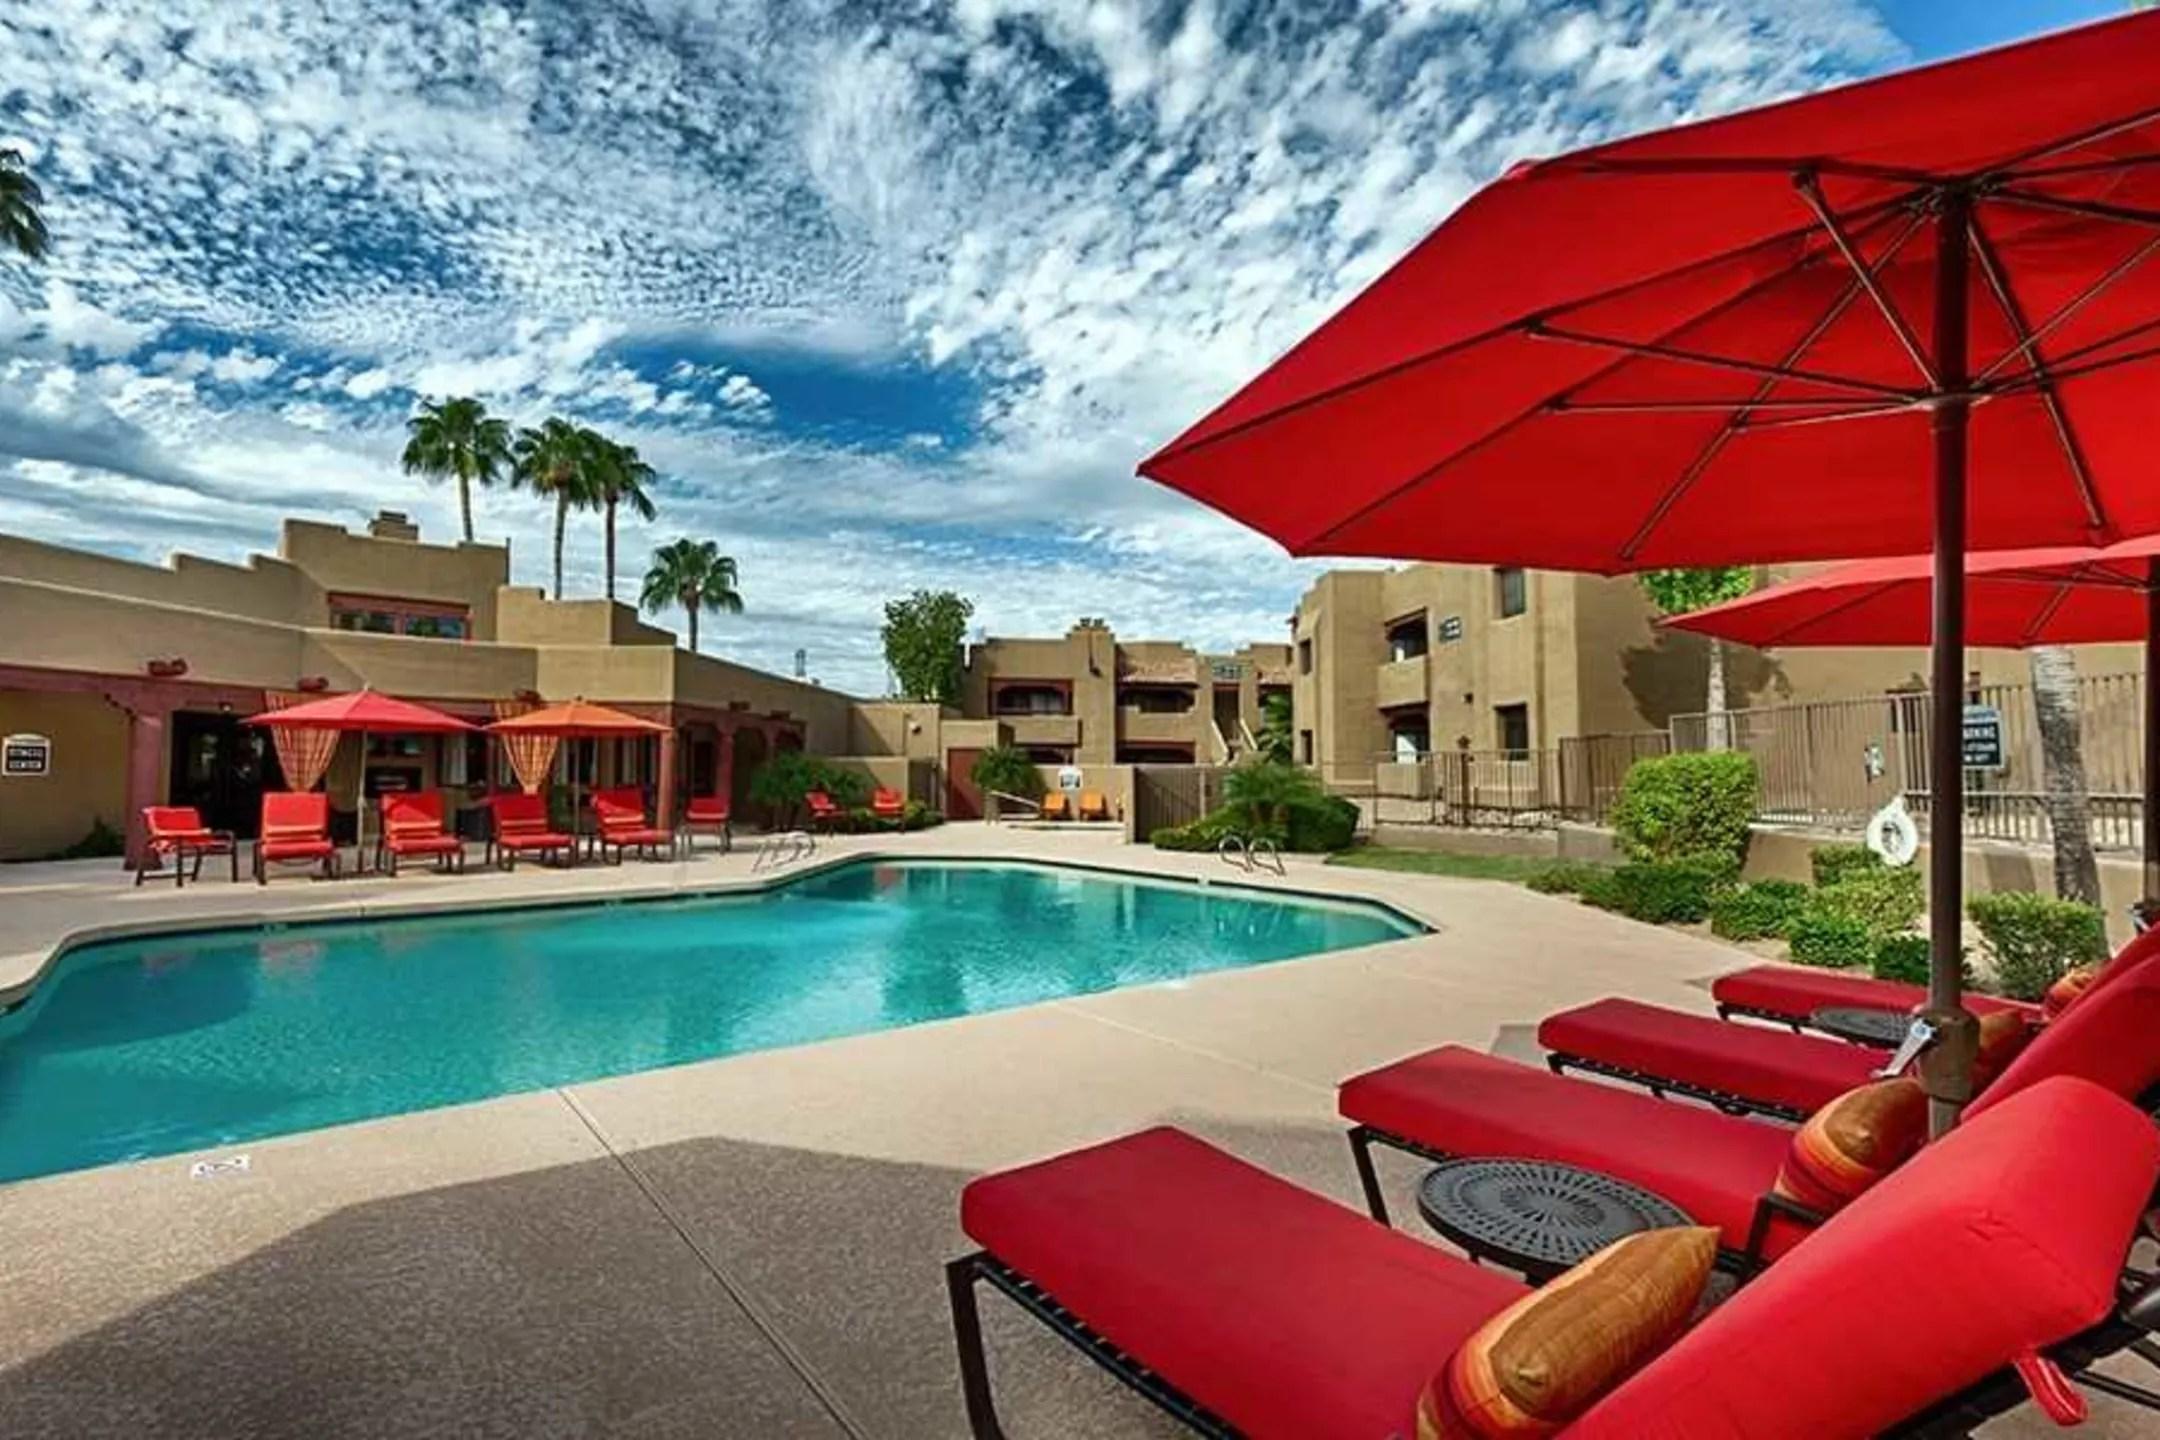 Casa Santa Fe Apartments Scottsdale AZ 85259